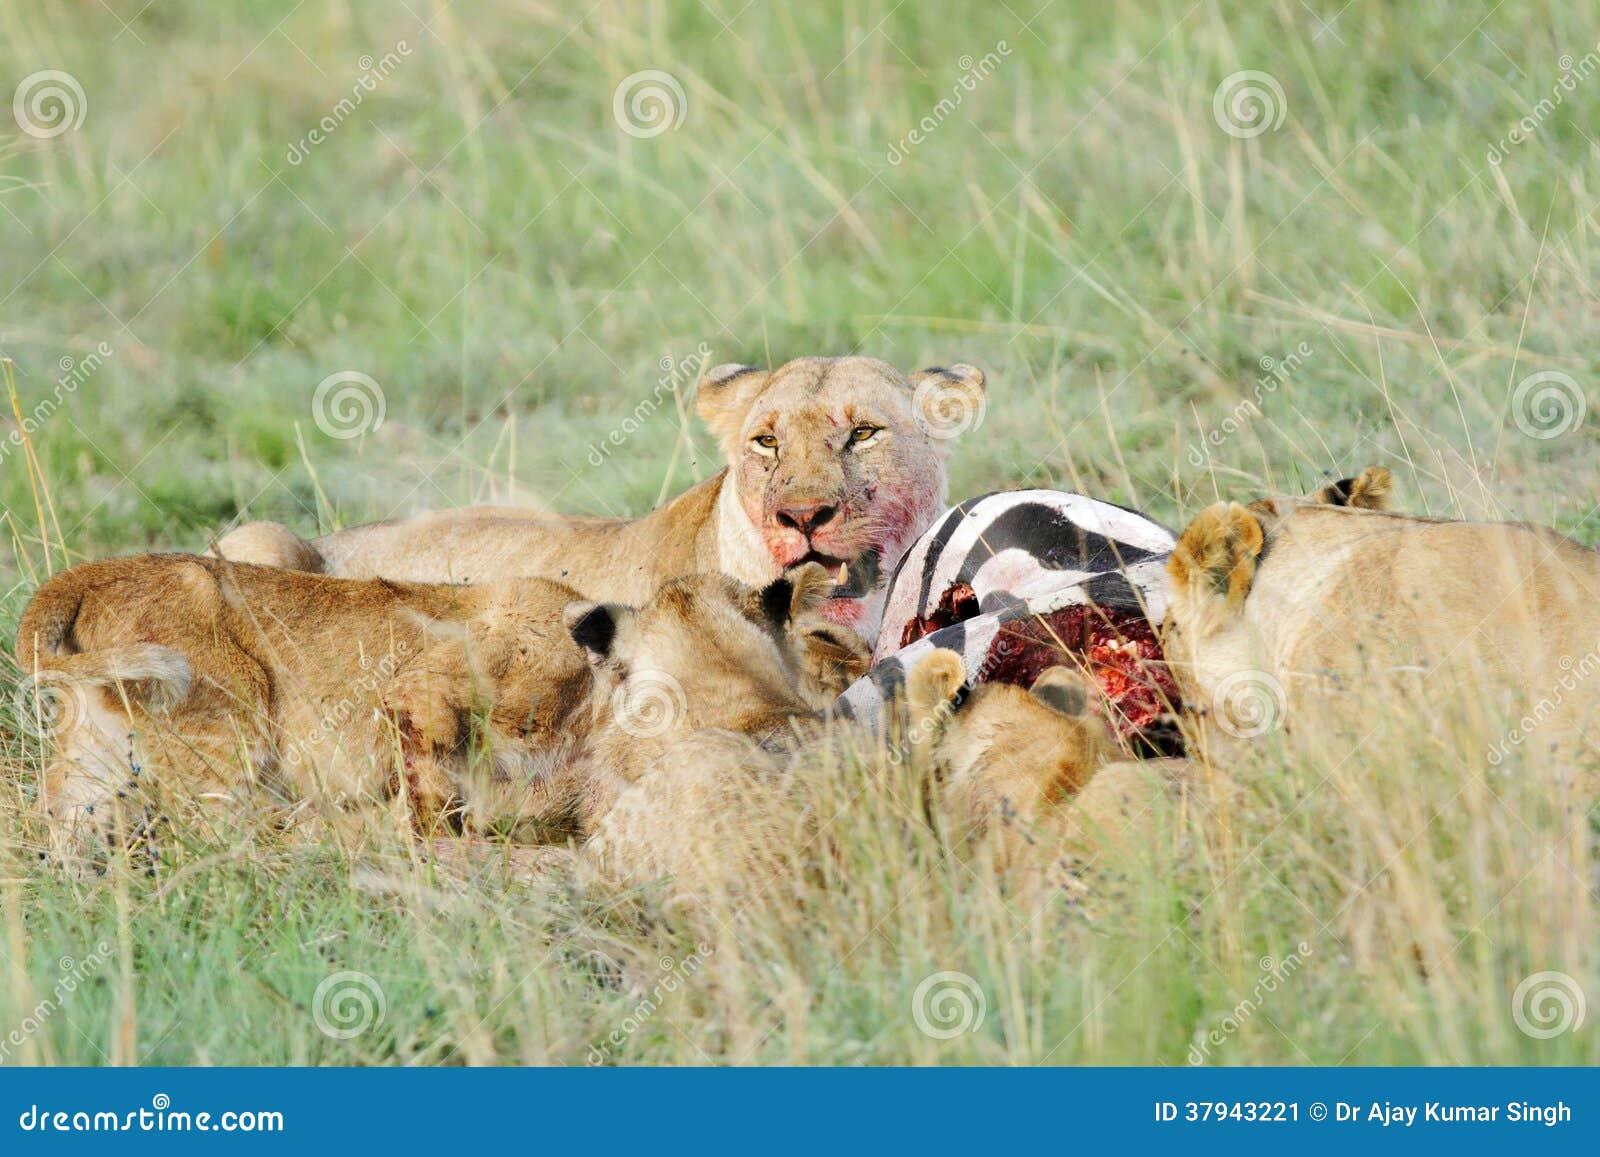 All Big Cats In Kenya